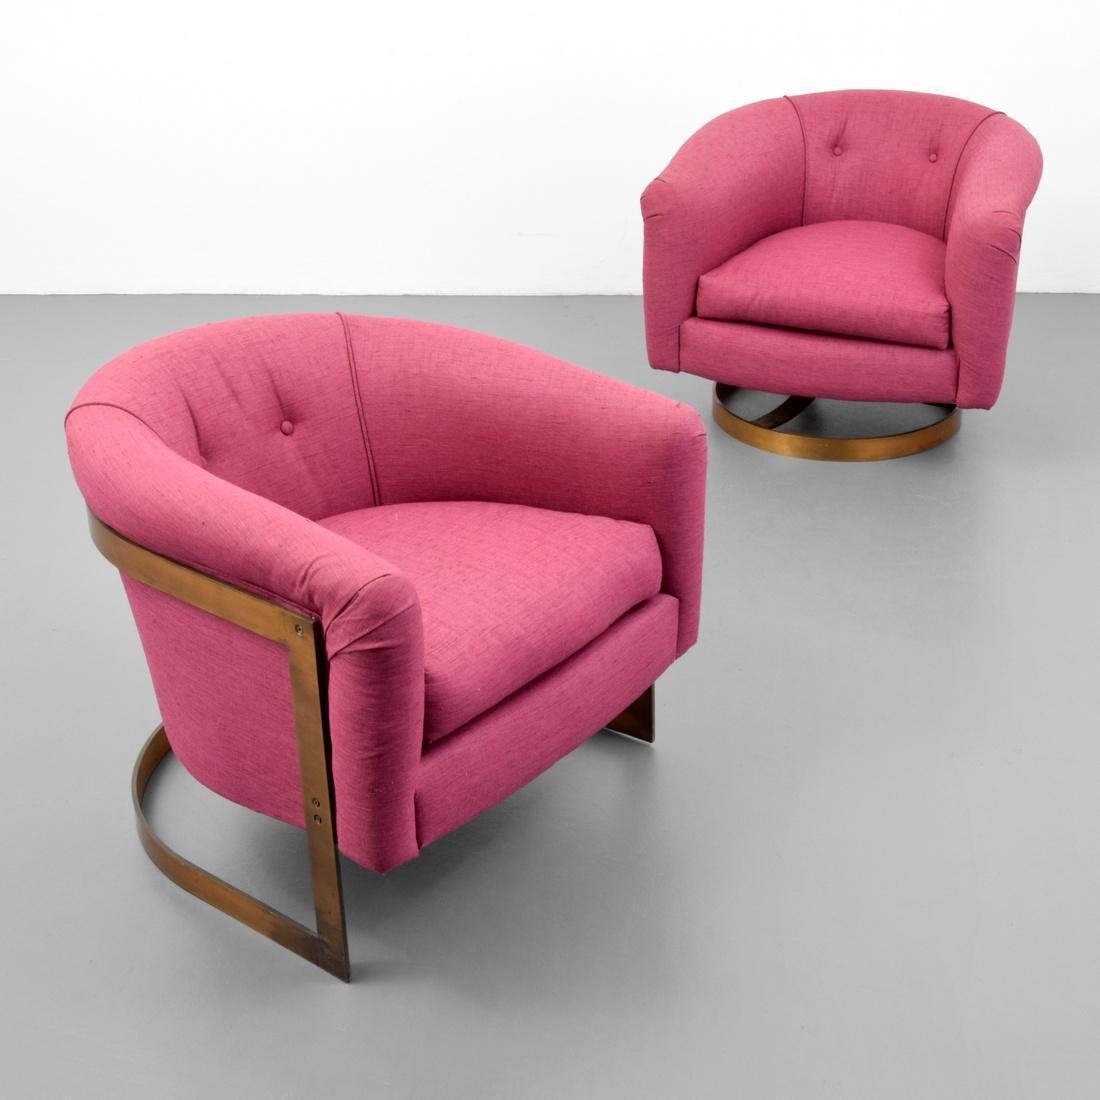 2 Milo Baughman Lounge Chairs